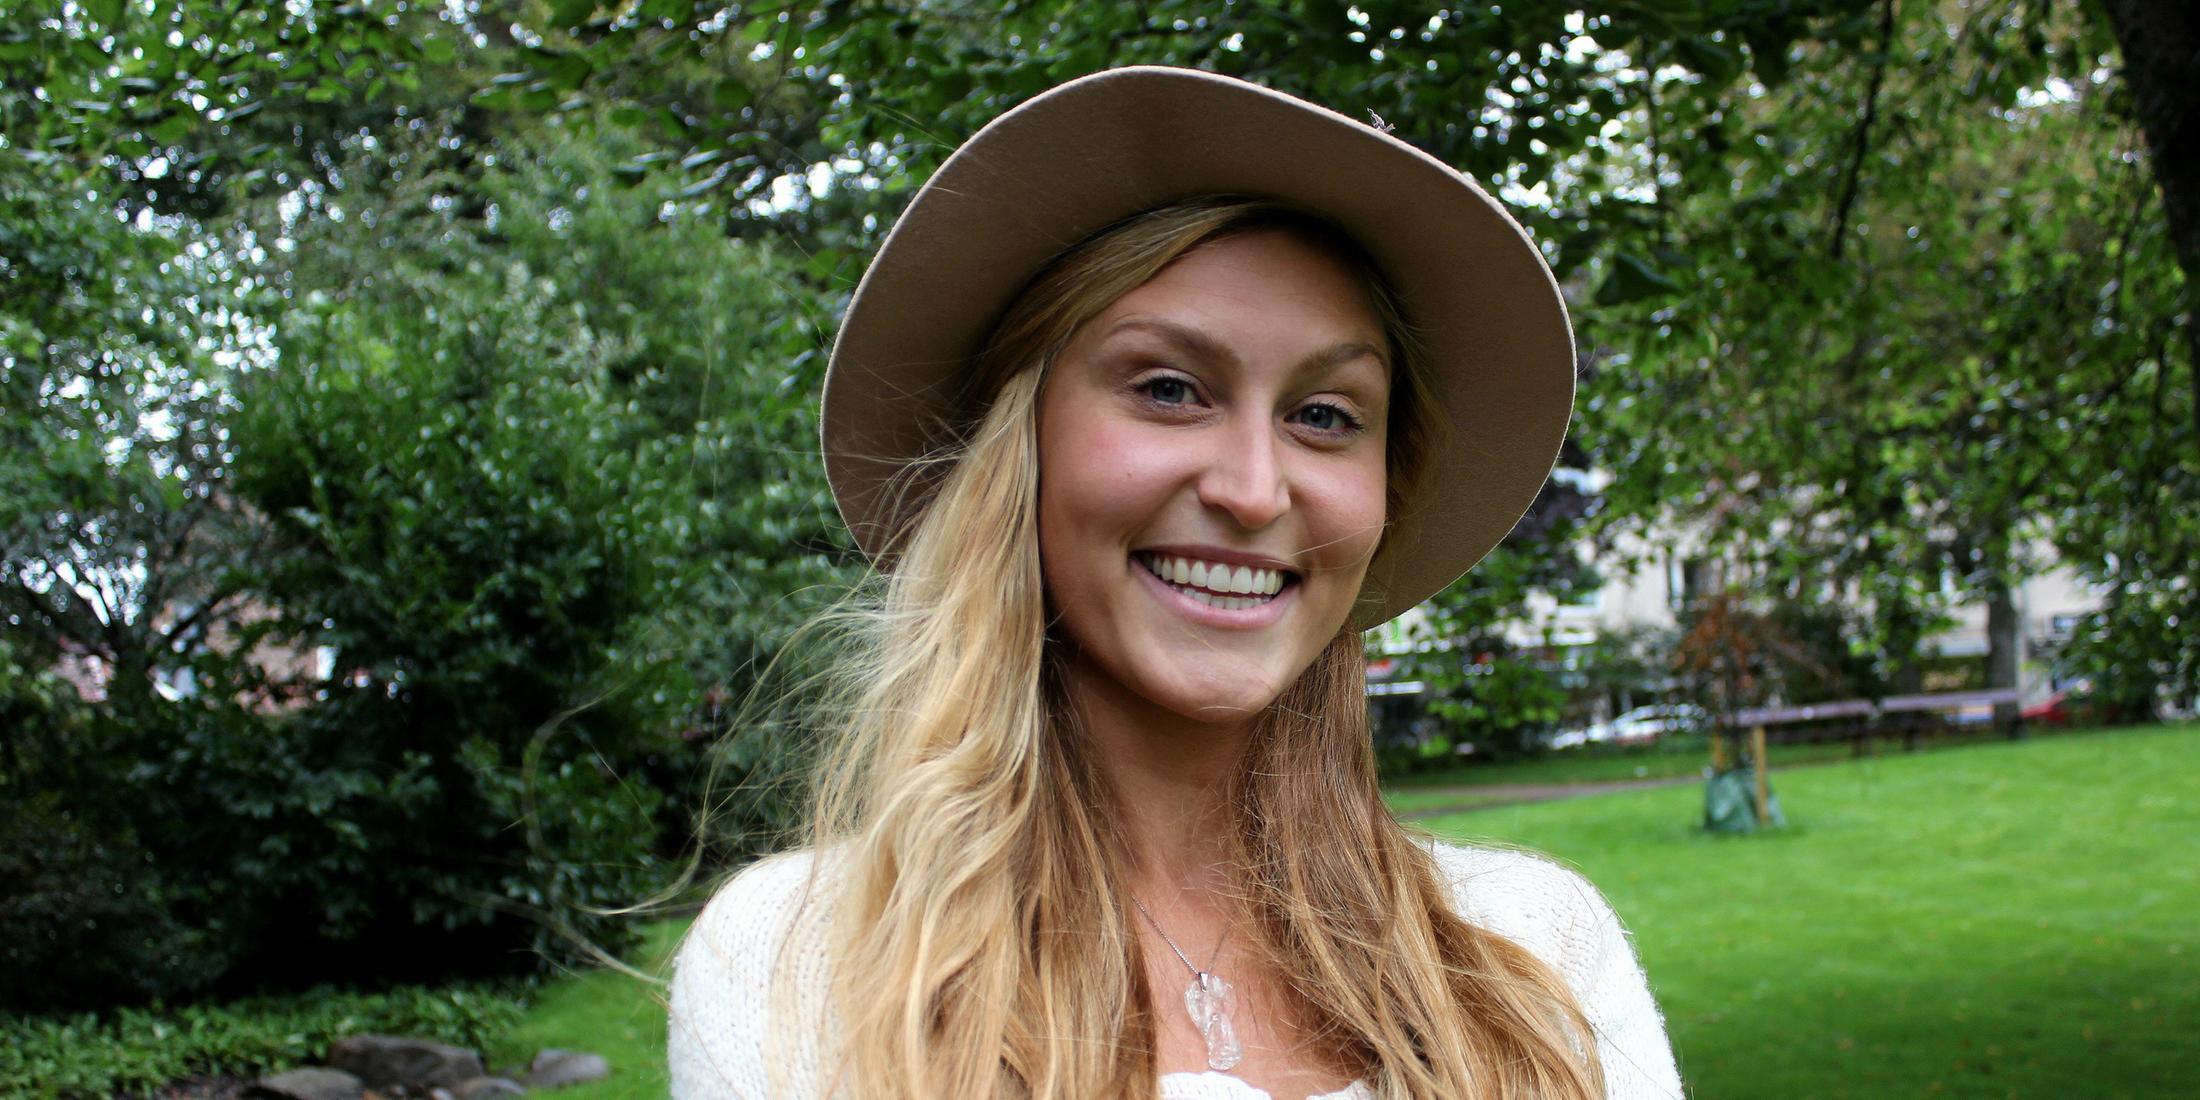 Anna-Vild-stortrivs-i-Varberg-d-auml-r-hon-har-b-ouml-rjat-samarbeta-med-flera-lokala-musiker-och